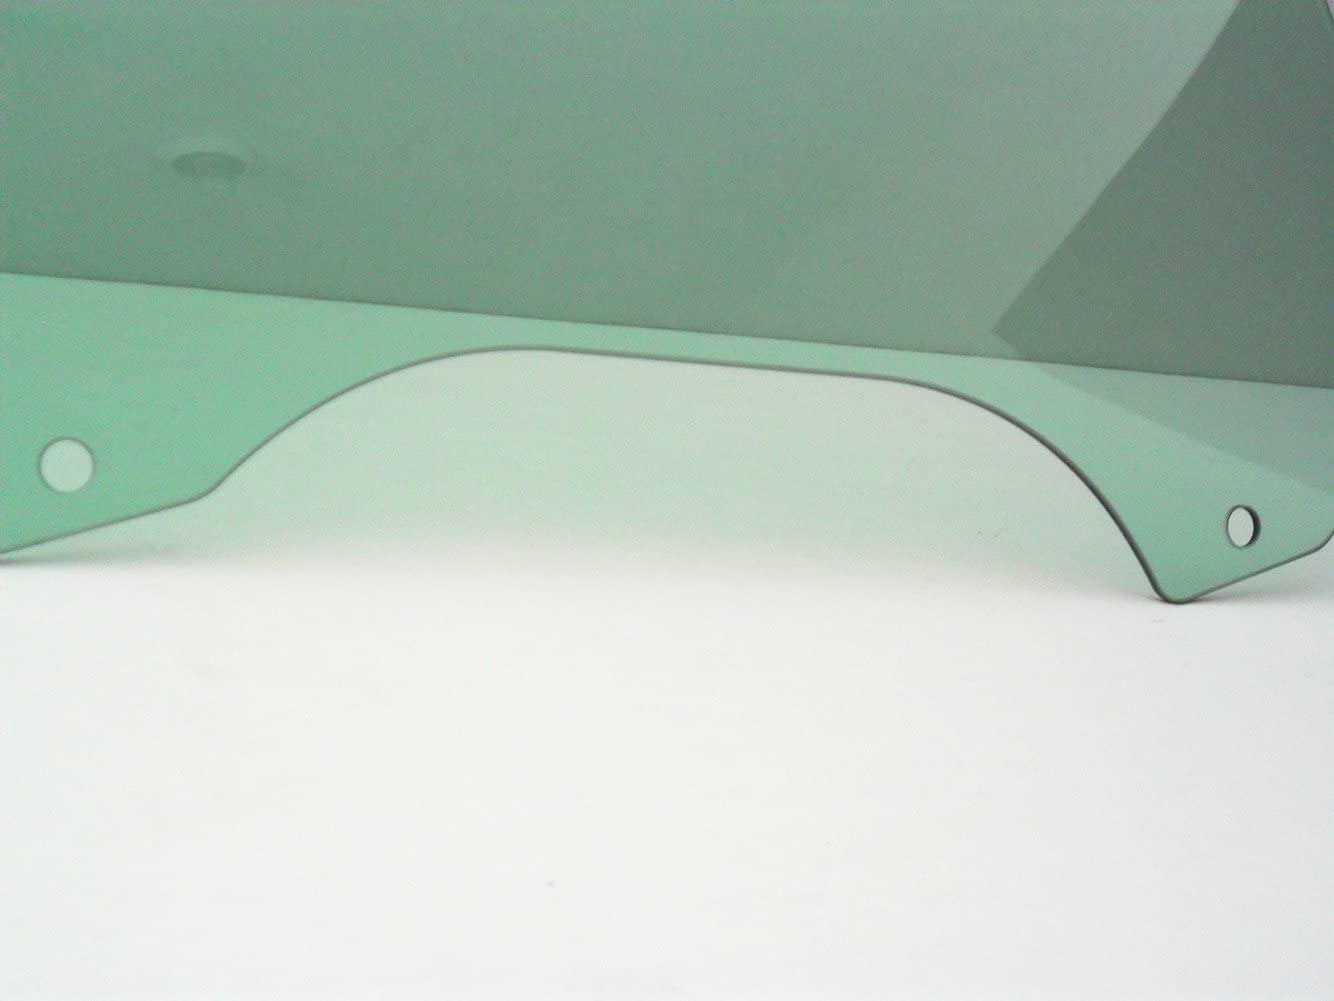 NAGD Fits 2000-2006 BMW X5 4 Door SUV Driver Side Left Front Door Window Glass FD20921GTN